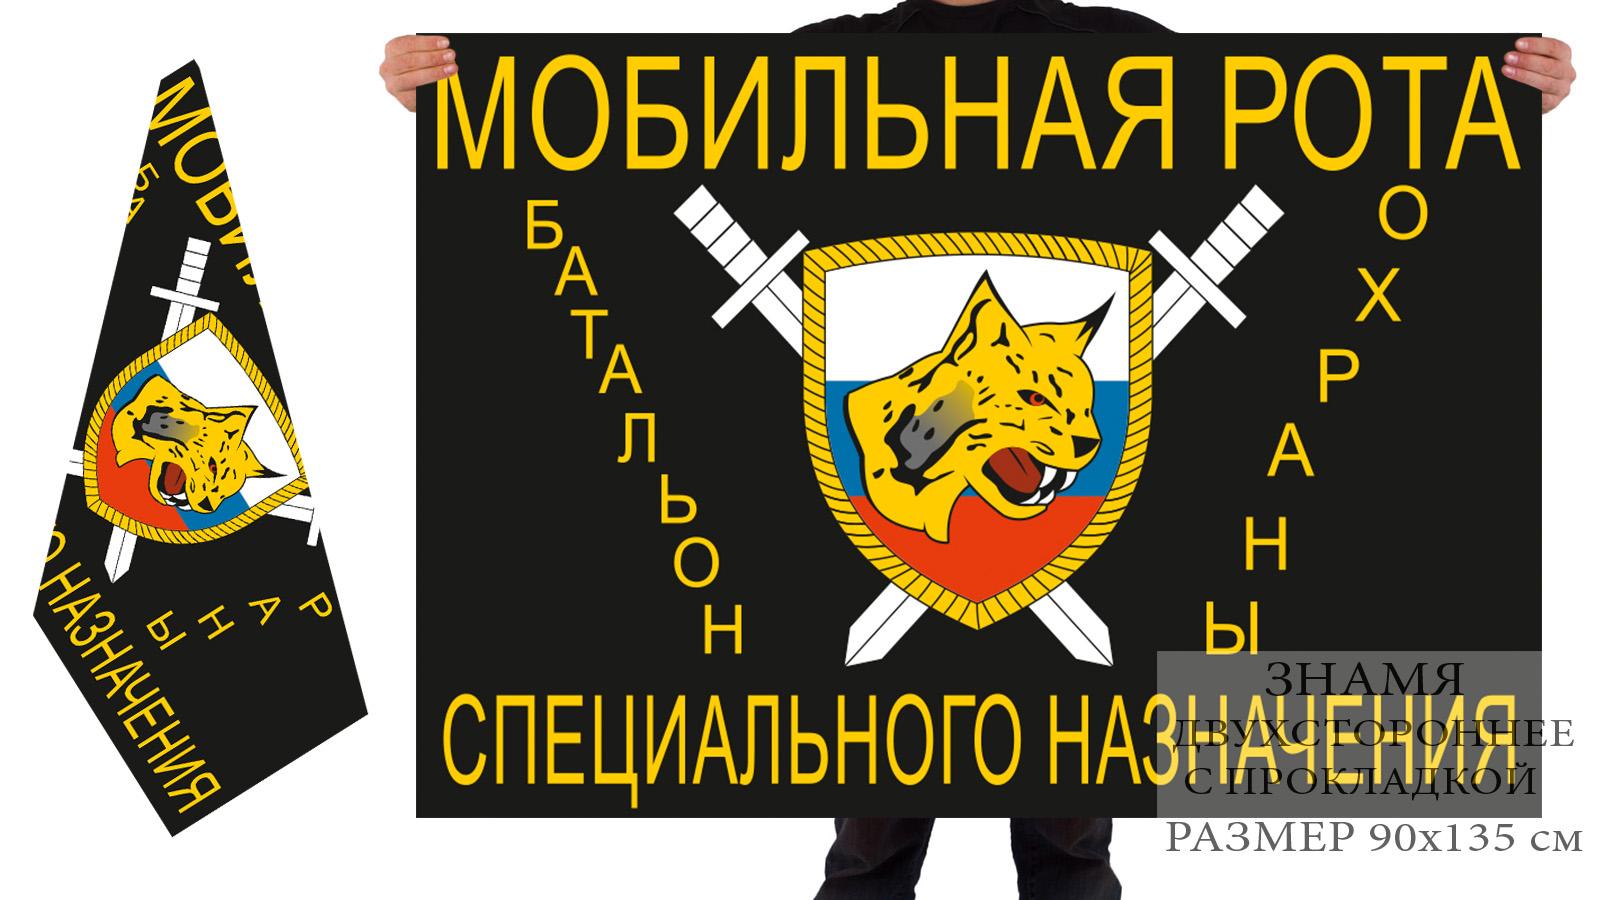 Двусторонний флаг мобильной роты спецназа